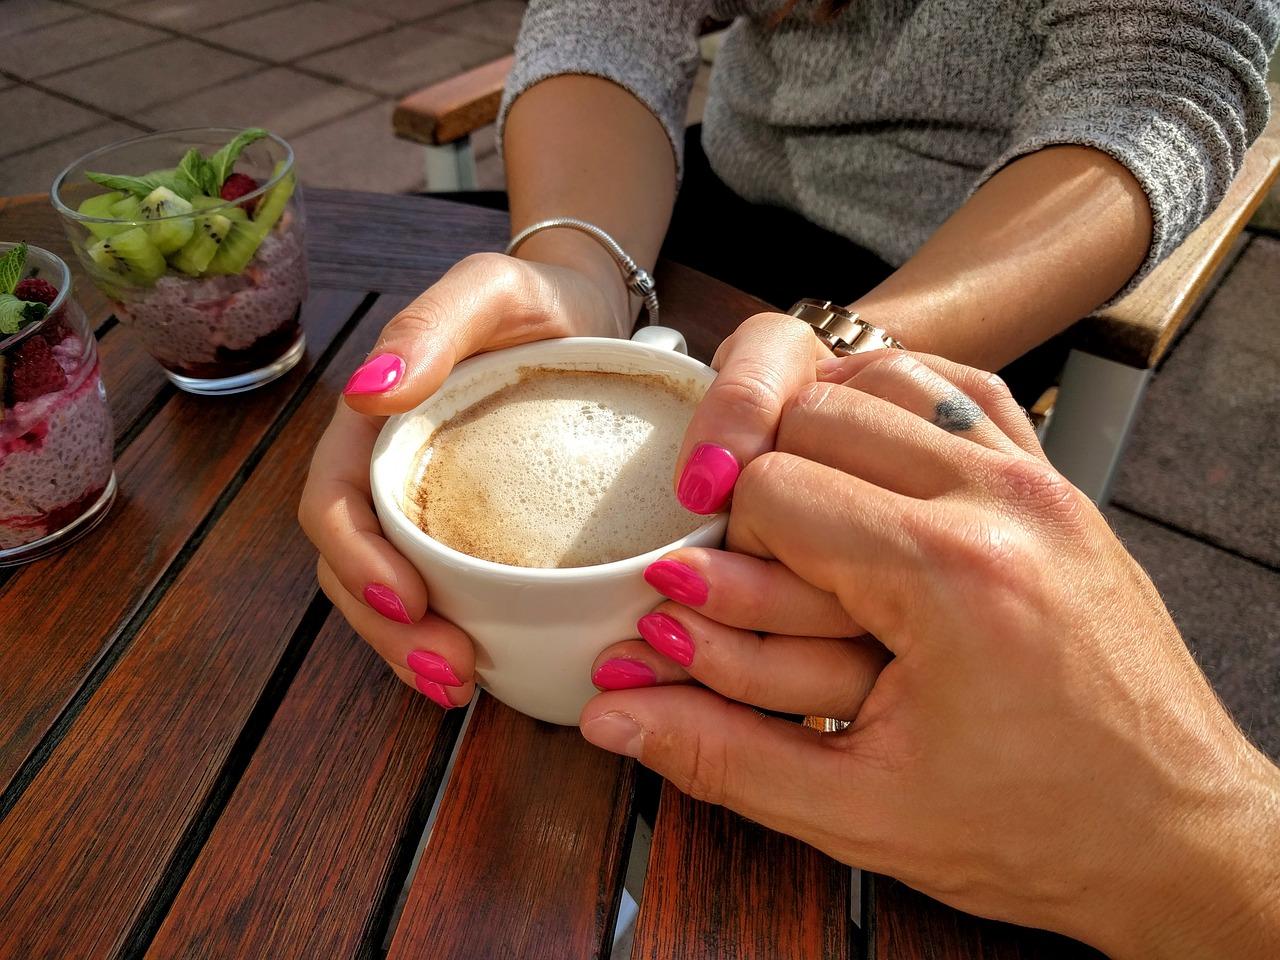 jak se zbavit nervozity - první rande